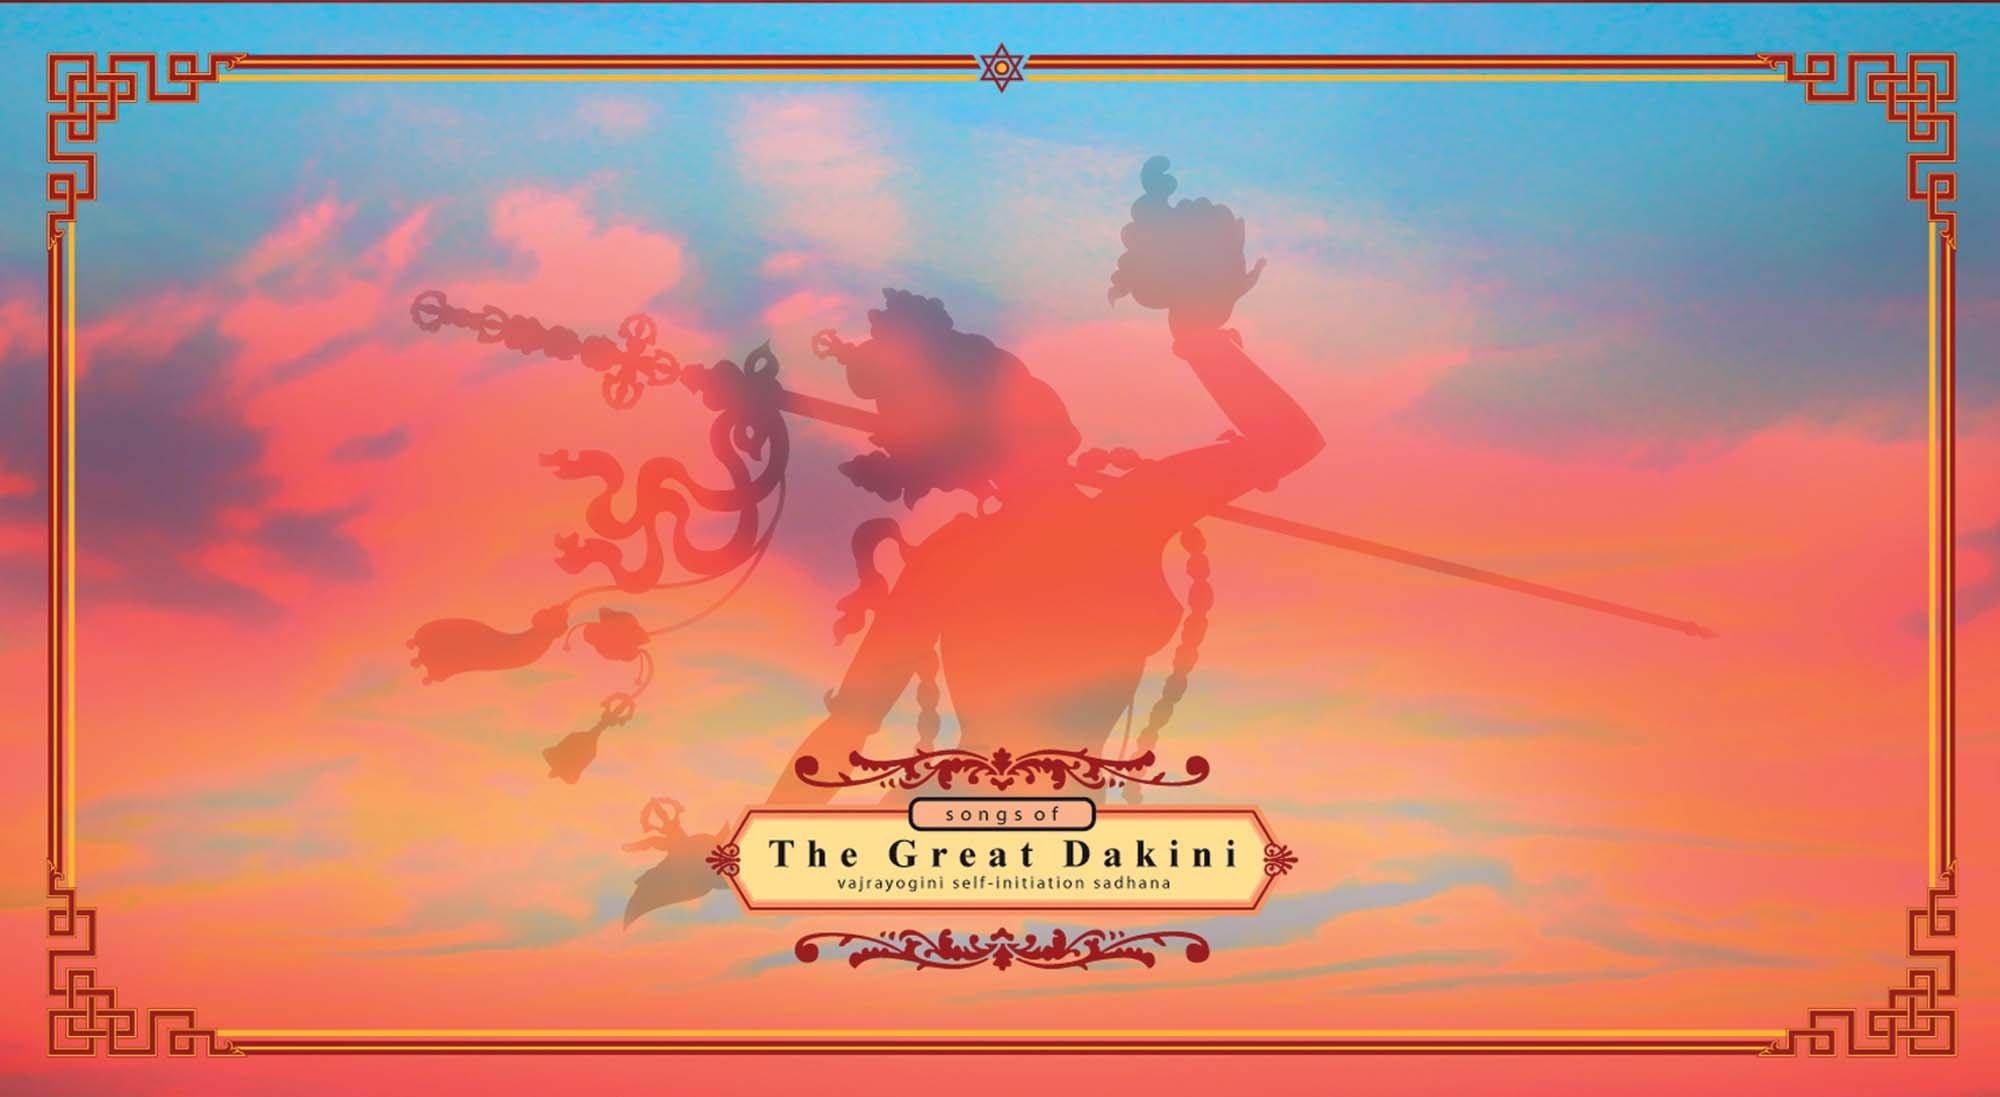 Songs of the Great Dakini: Vajrayogini Self-Initiation